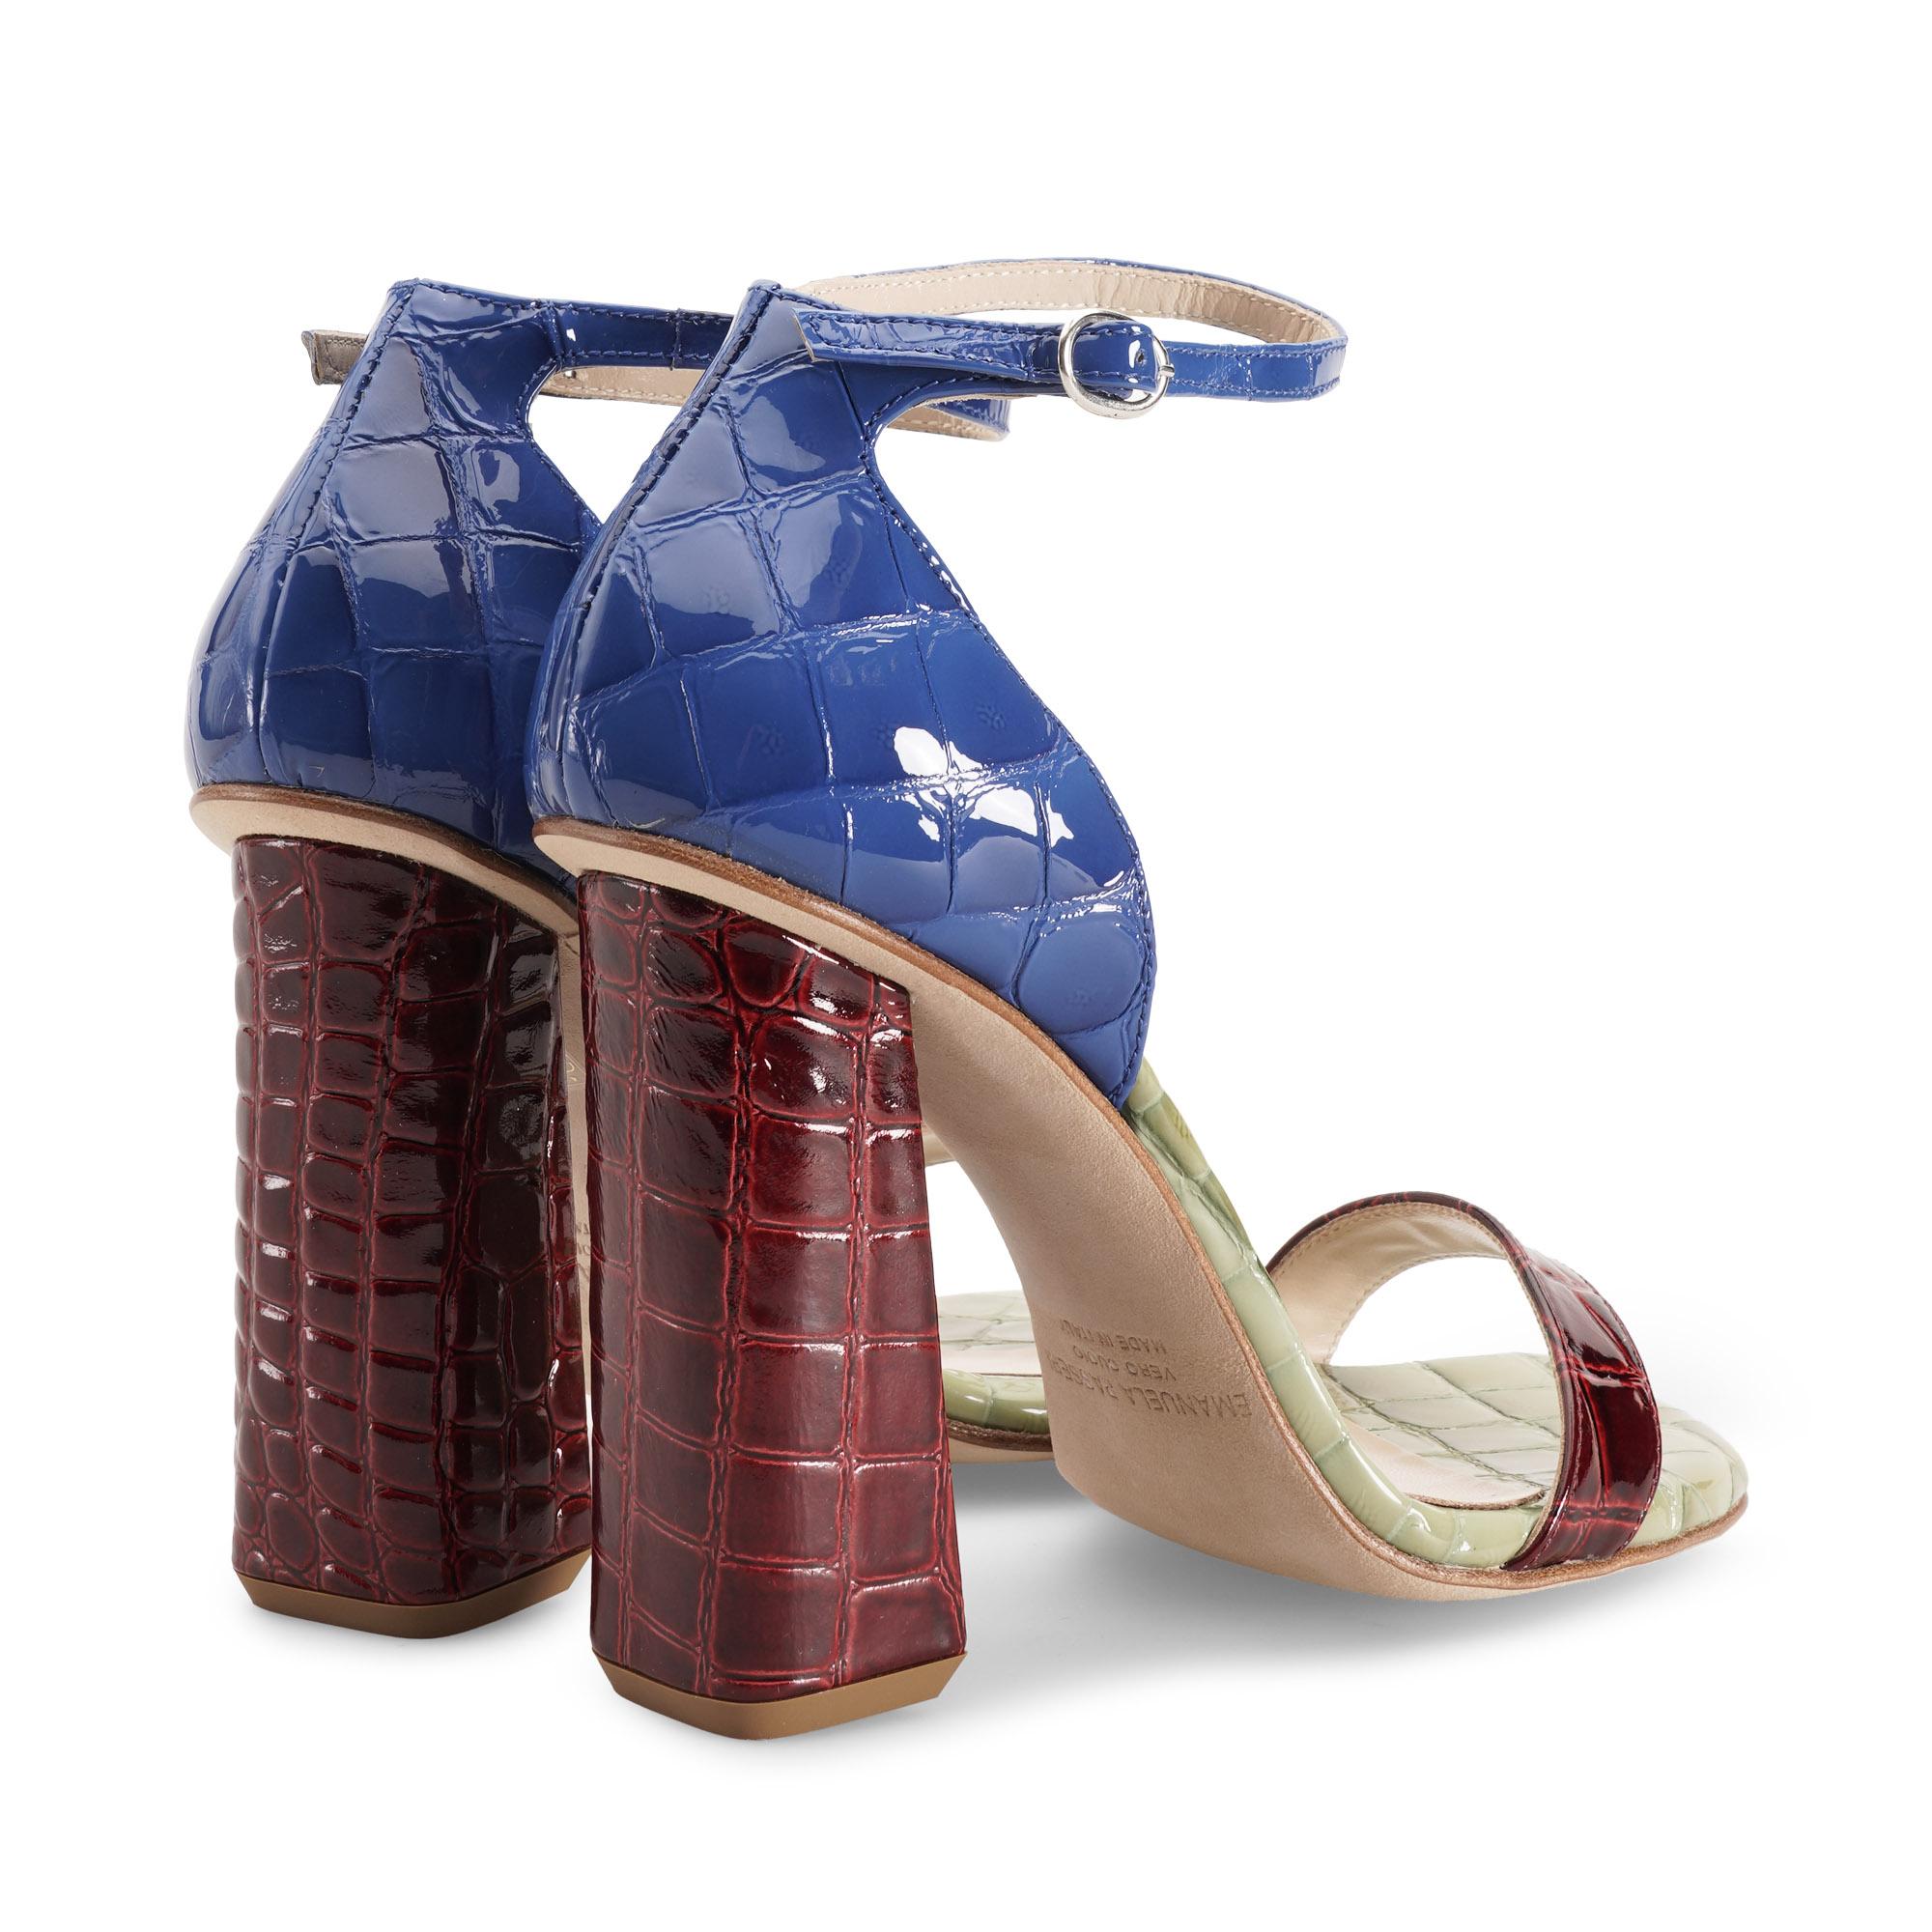 sandalo-donna-cocco-vernice-blu-verde-rosso-emanuela-passeri-heels-shoes-spring-summer-2021